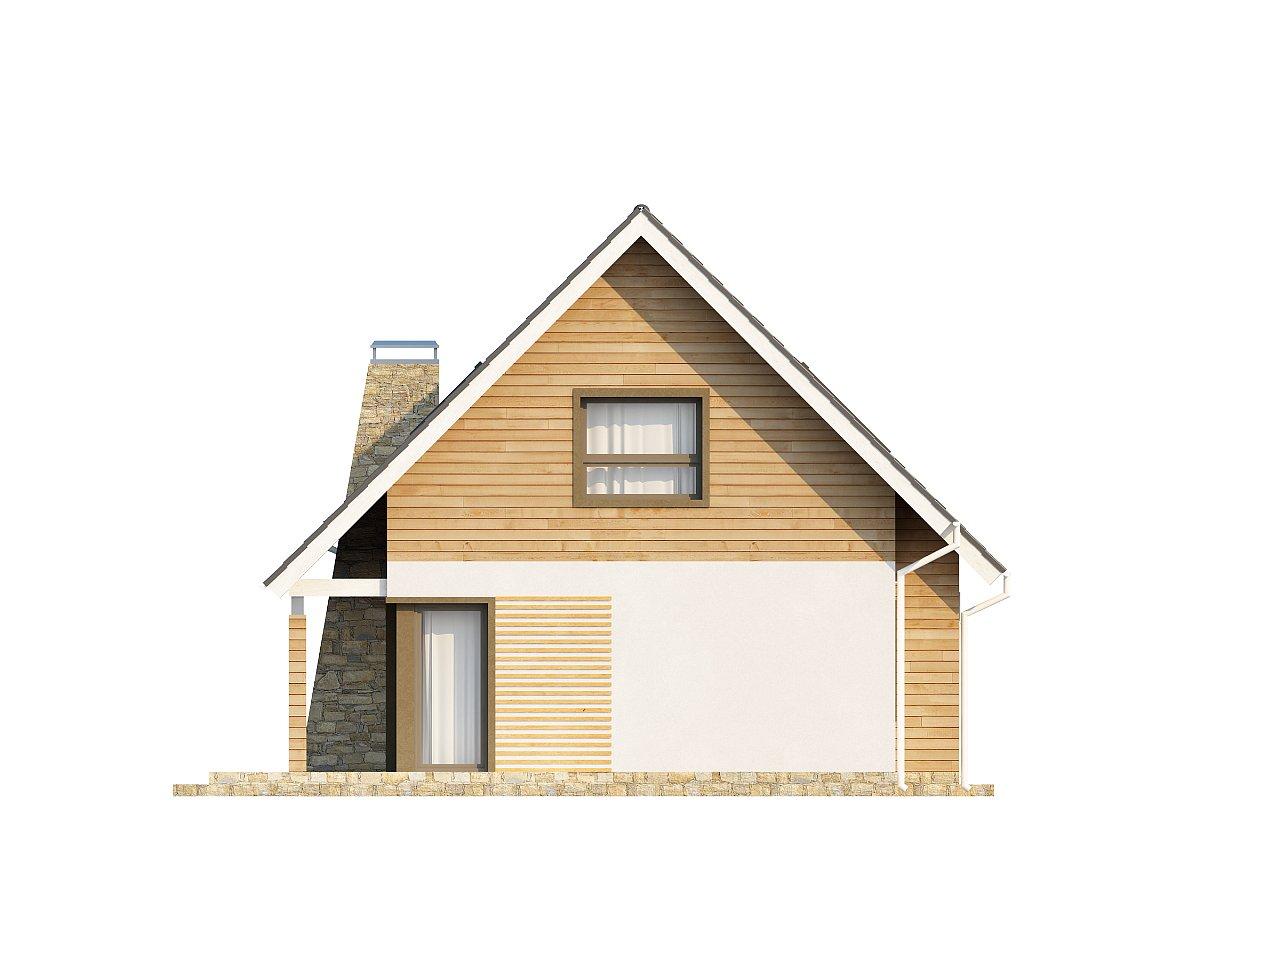 Традиционный дом простой формы с двускатной крышей, с дополнительной комнатой на первом этаже. 24